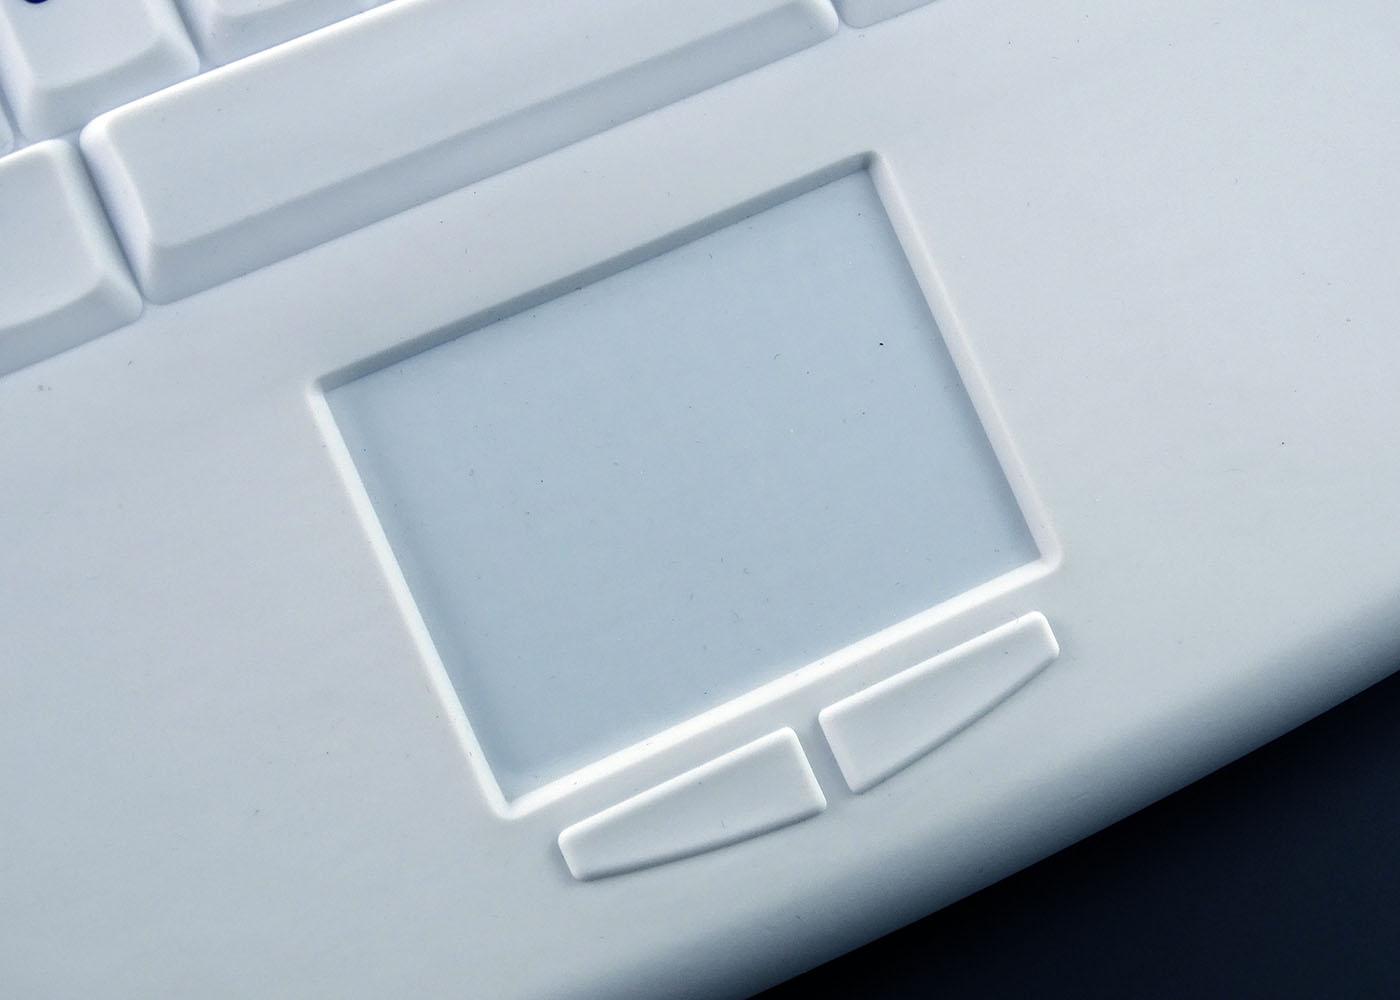 Clavier sans fil nettoyable pour applications médicales – Détail souris touchpad